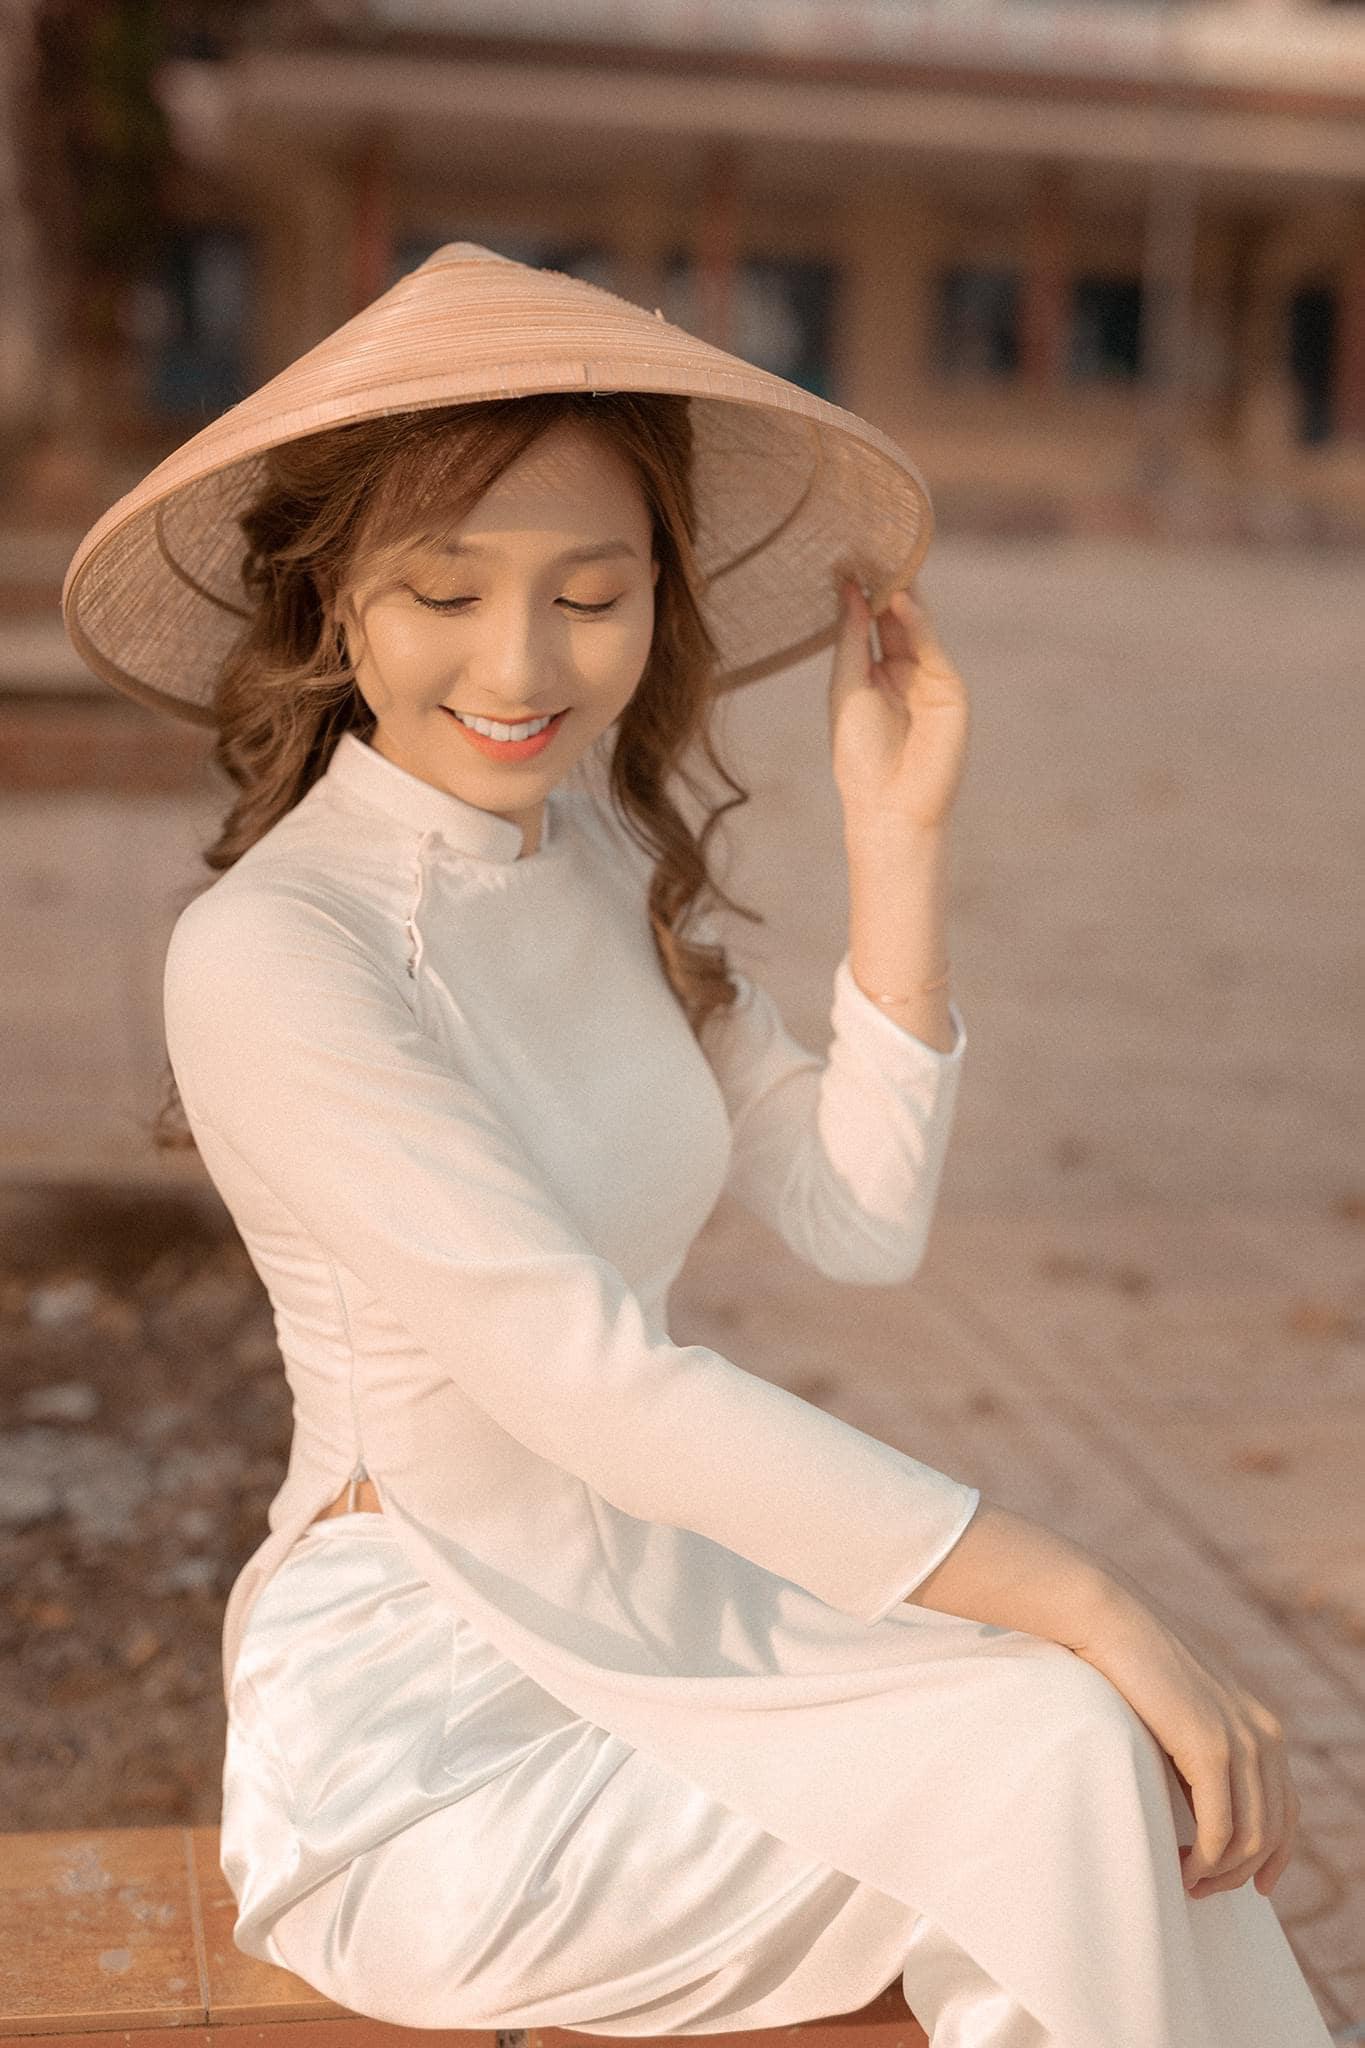 Ao dai chup ngoi 4 min - 49 cách tạo dáng chụp ảnh với áo dài tuyệt đẹp - HThao Studio